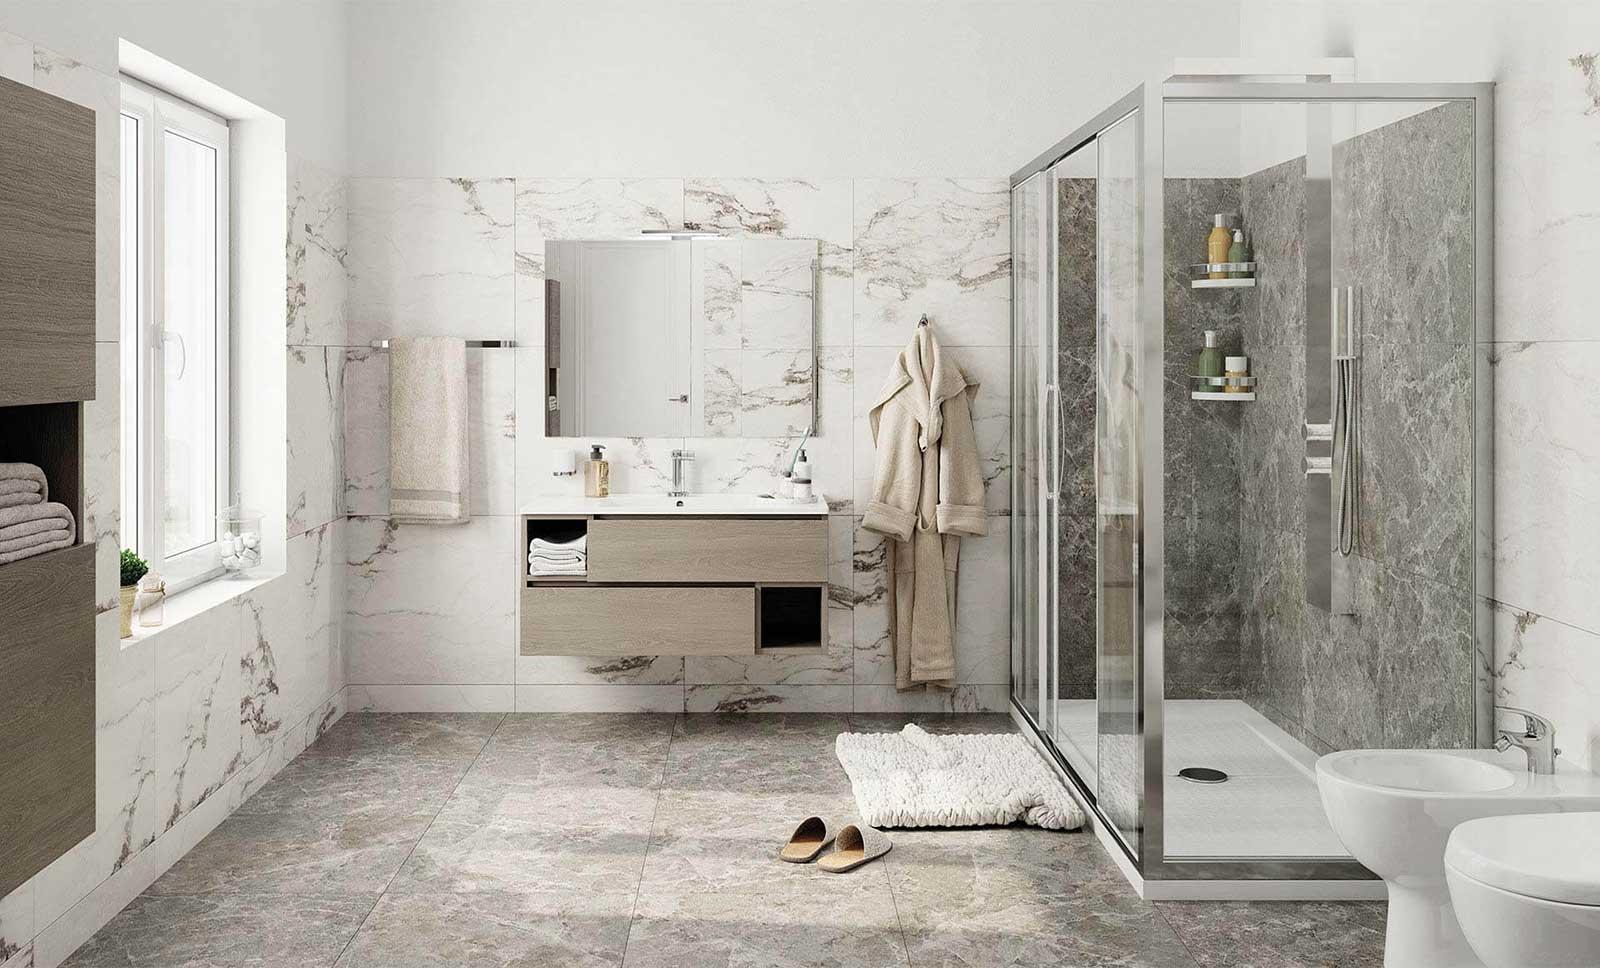 Ristrutturazione Completa Del Bagno : Ristrutturazione completa del bagno in 5 giorni bagnitaliani